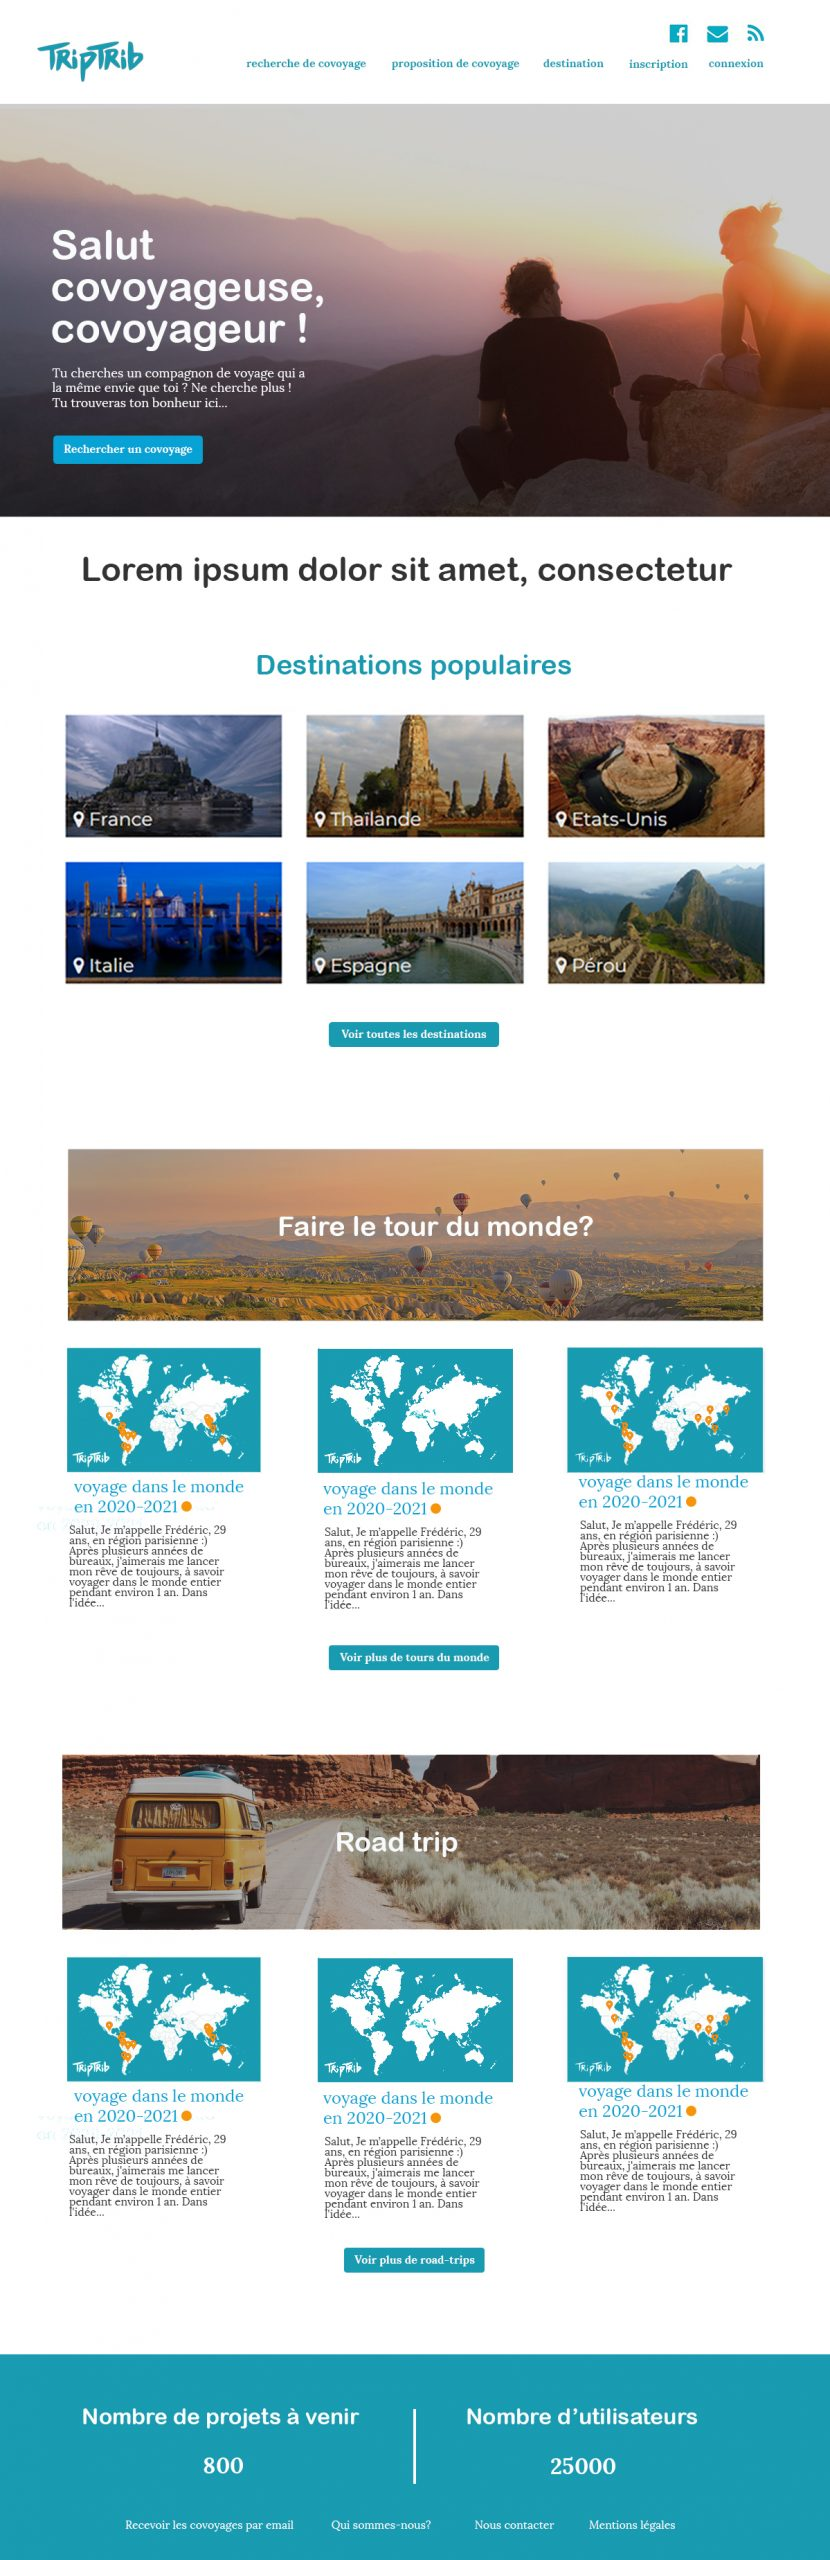 Proposition de maquette graphique pour la page d'accueil